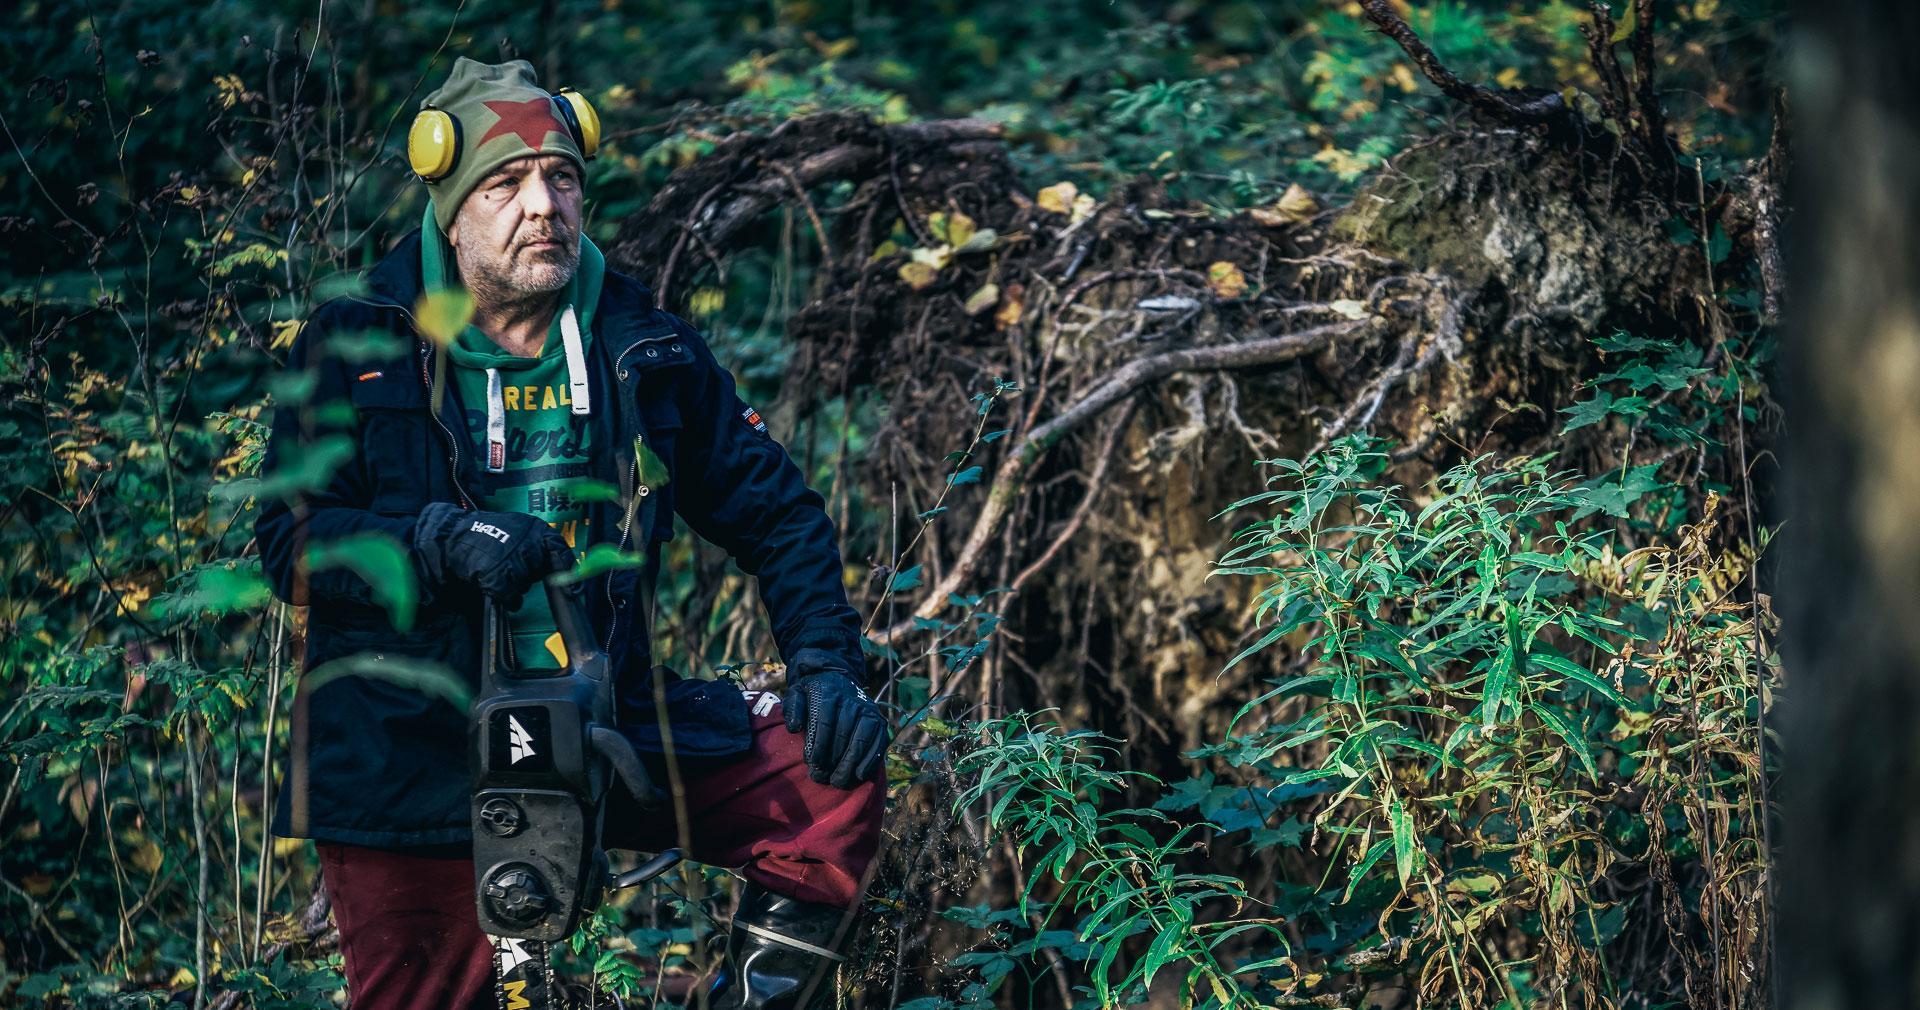 Mies seisoo metsässä moottorisaha kädessä.